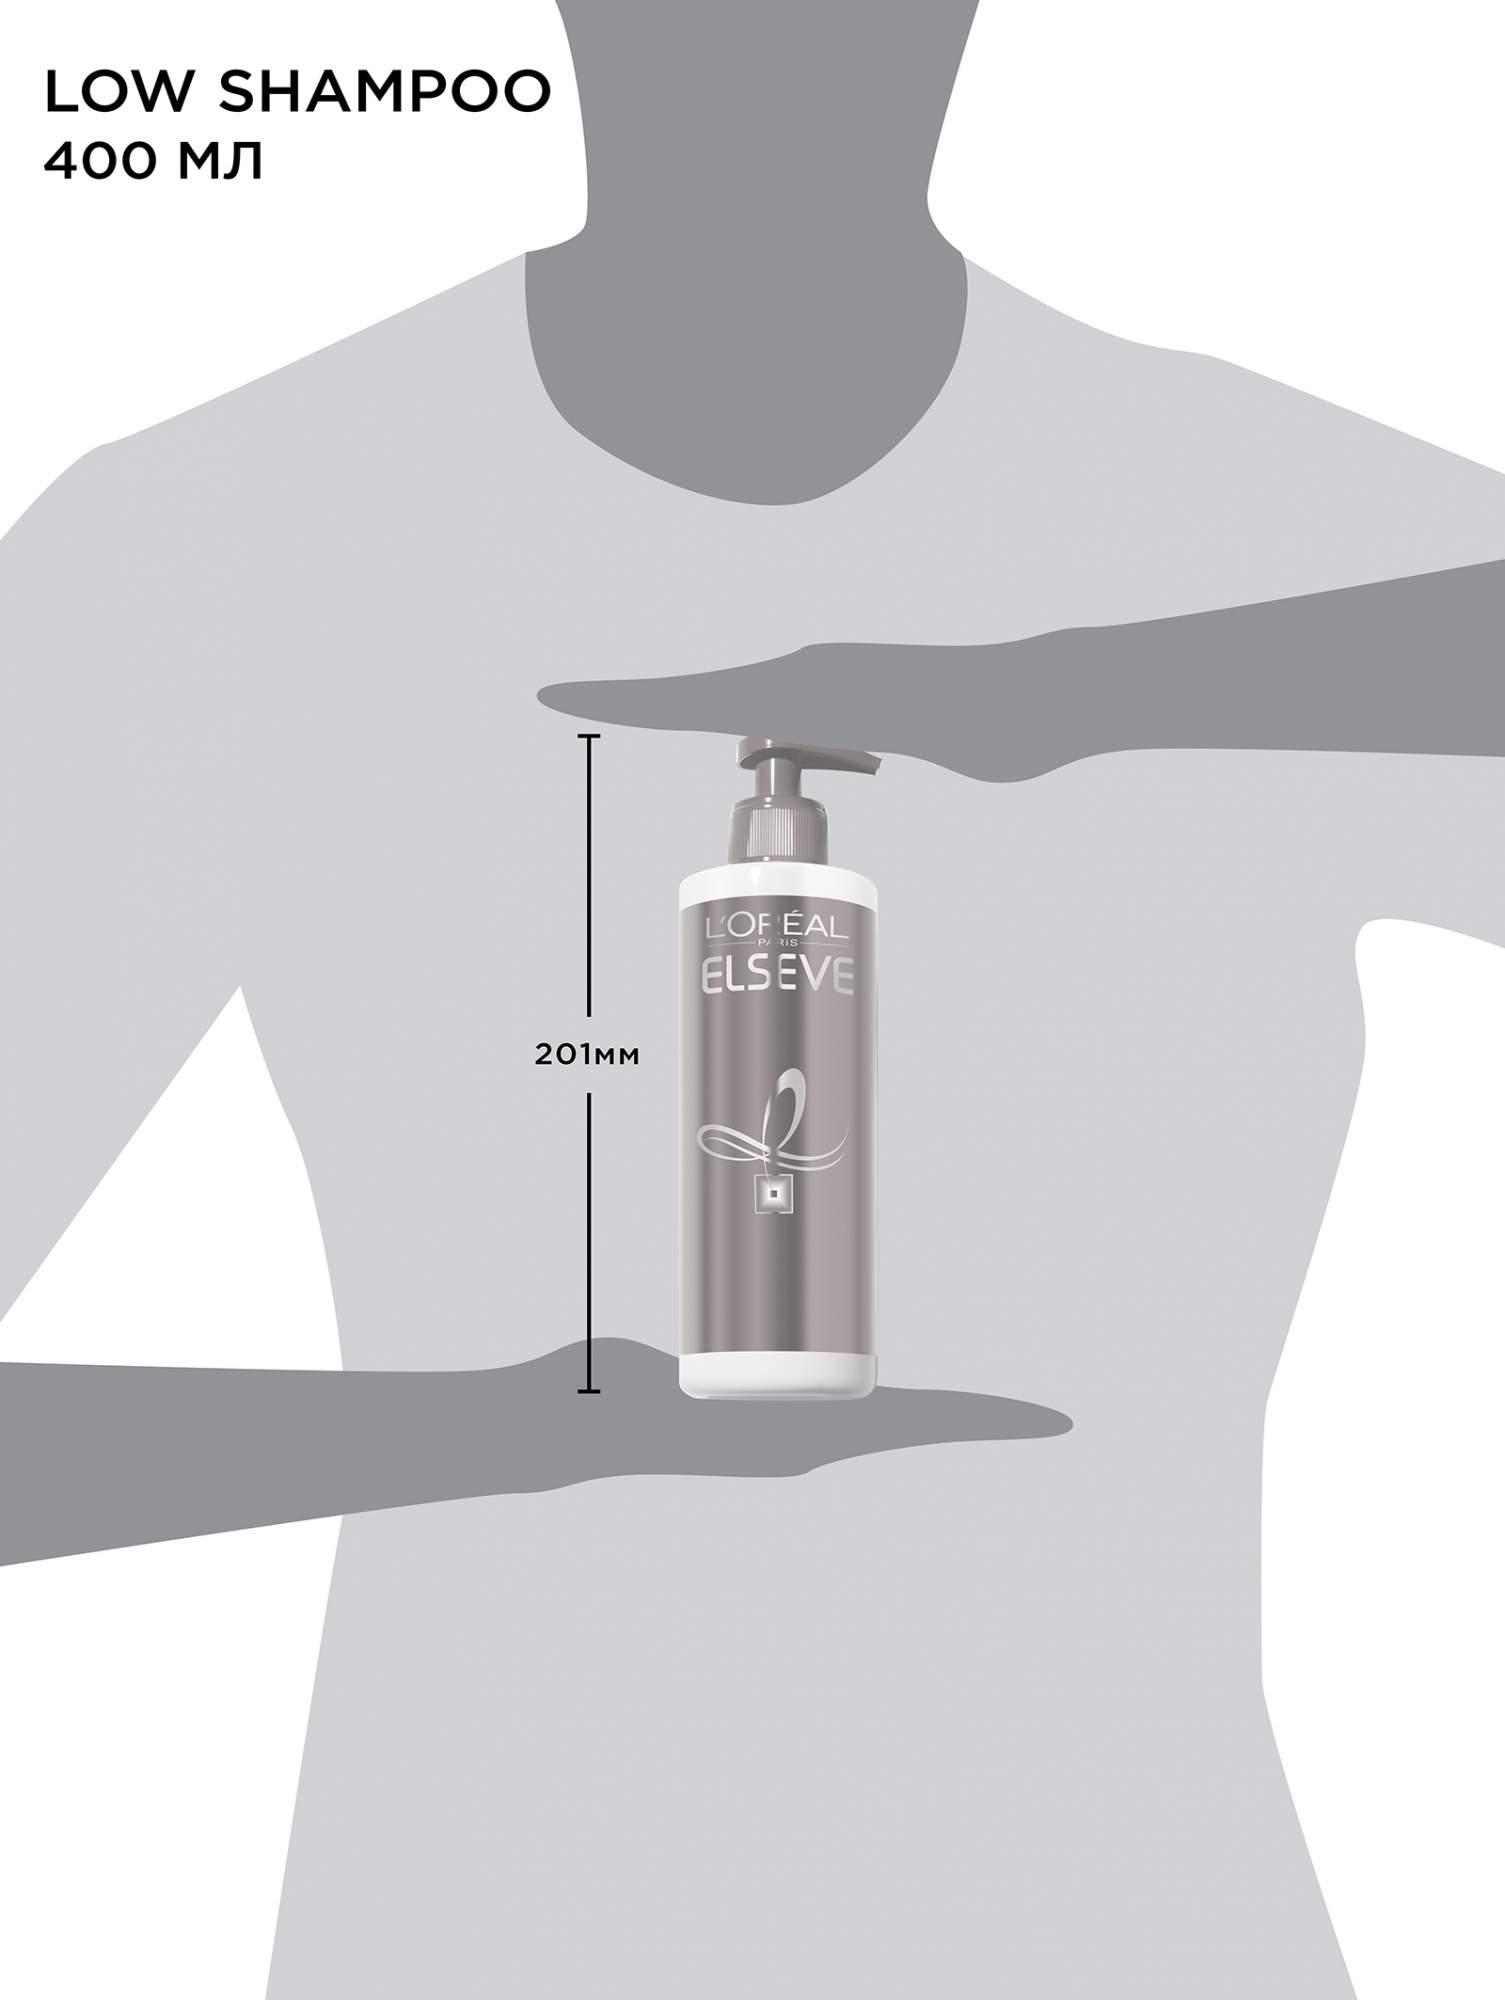 Миниатюра Шампунь L'Oreal Paris Elseve Low Shampoo Полное восстановление 5 400 мл №3